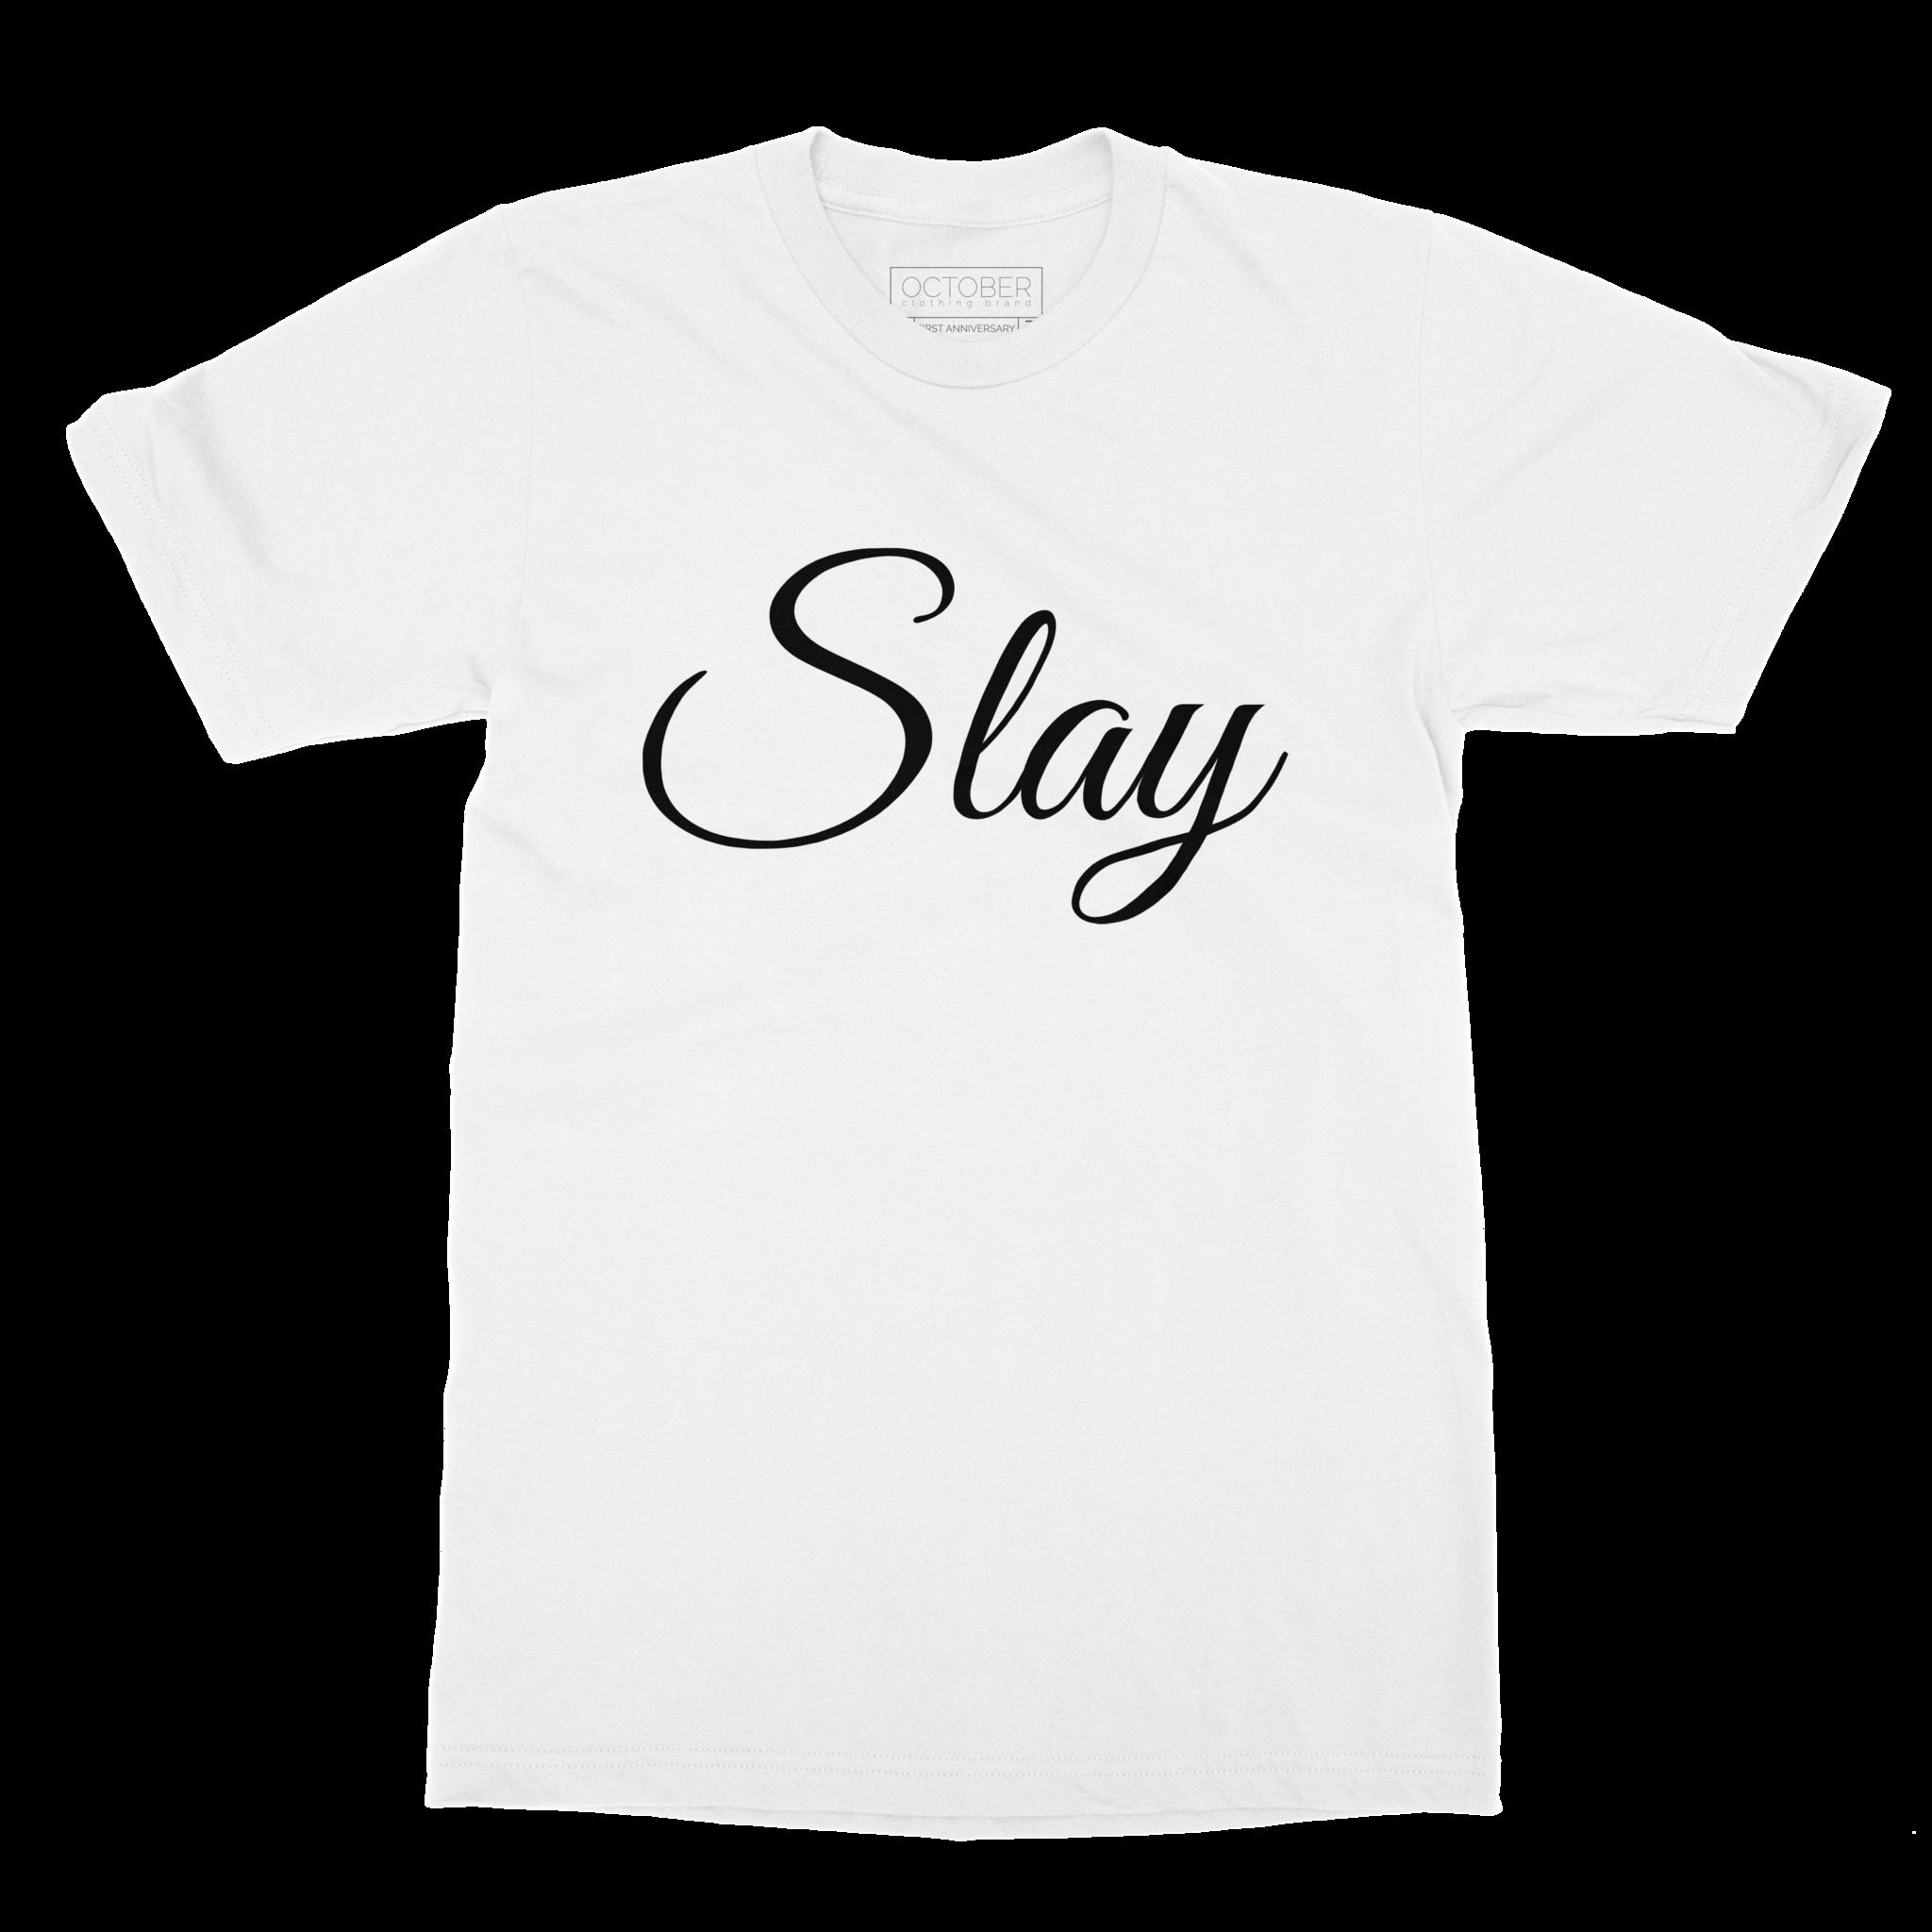 Slay - Short Sleeve Tee